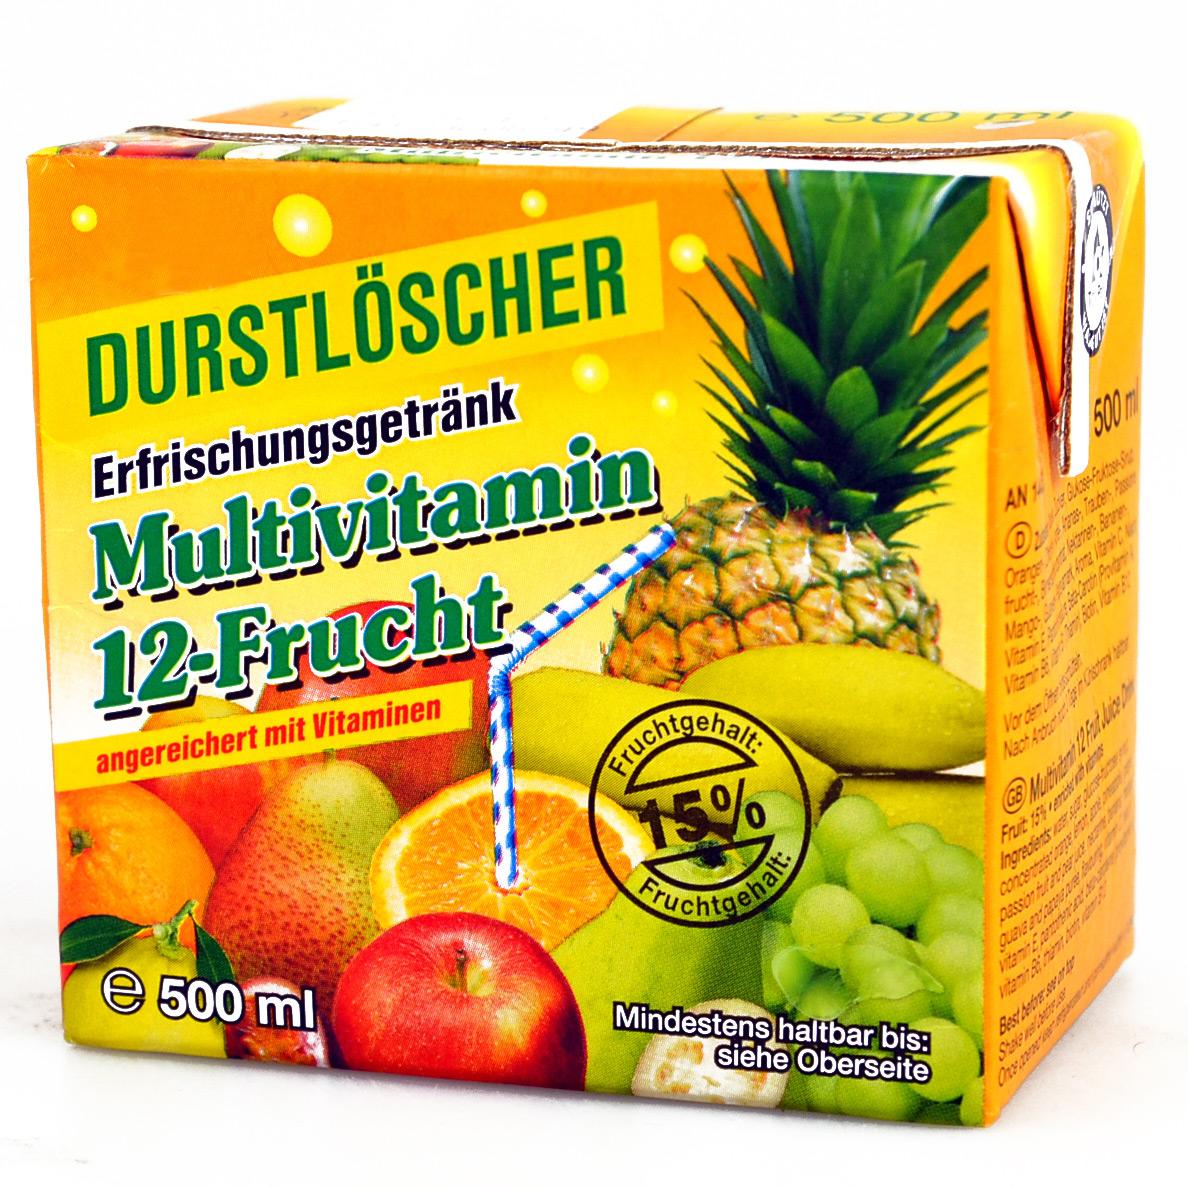 Durstlöscher Multivitamin